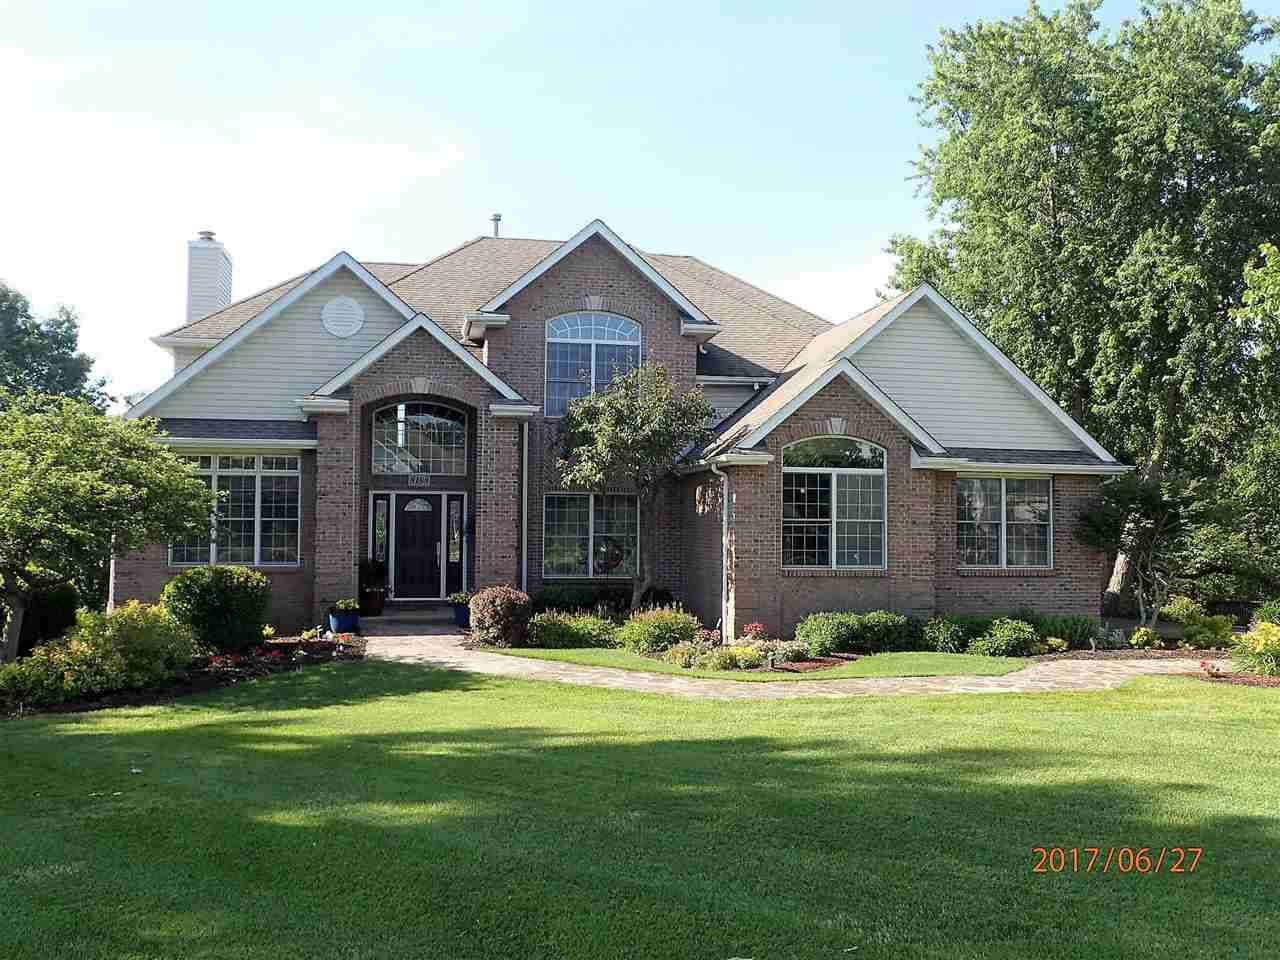 8188 Charissa's Place, ROSCOE, IL 61073